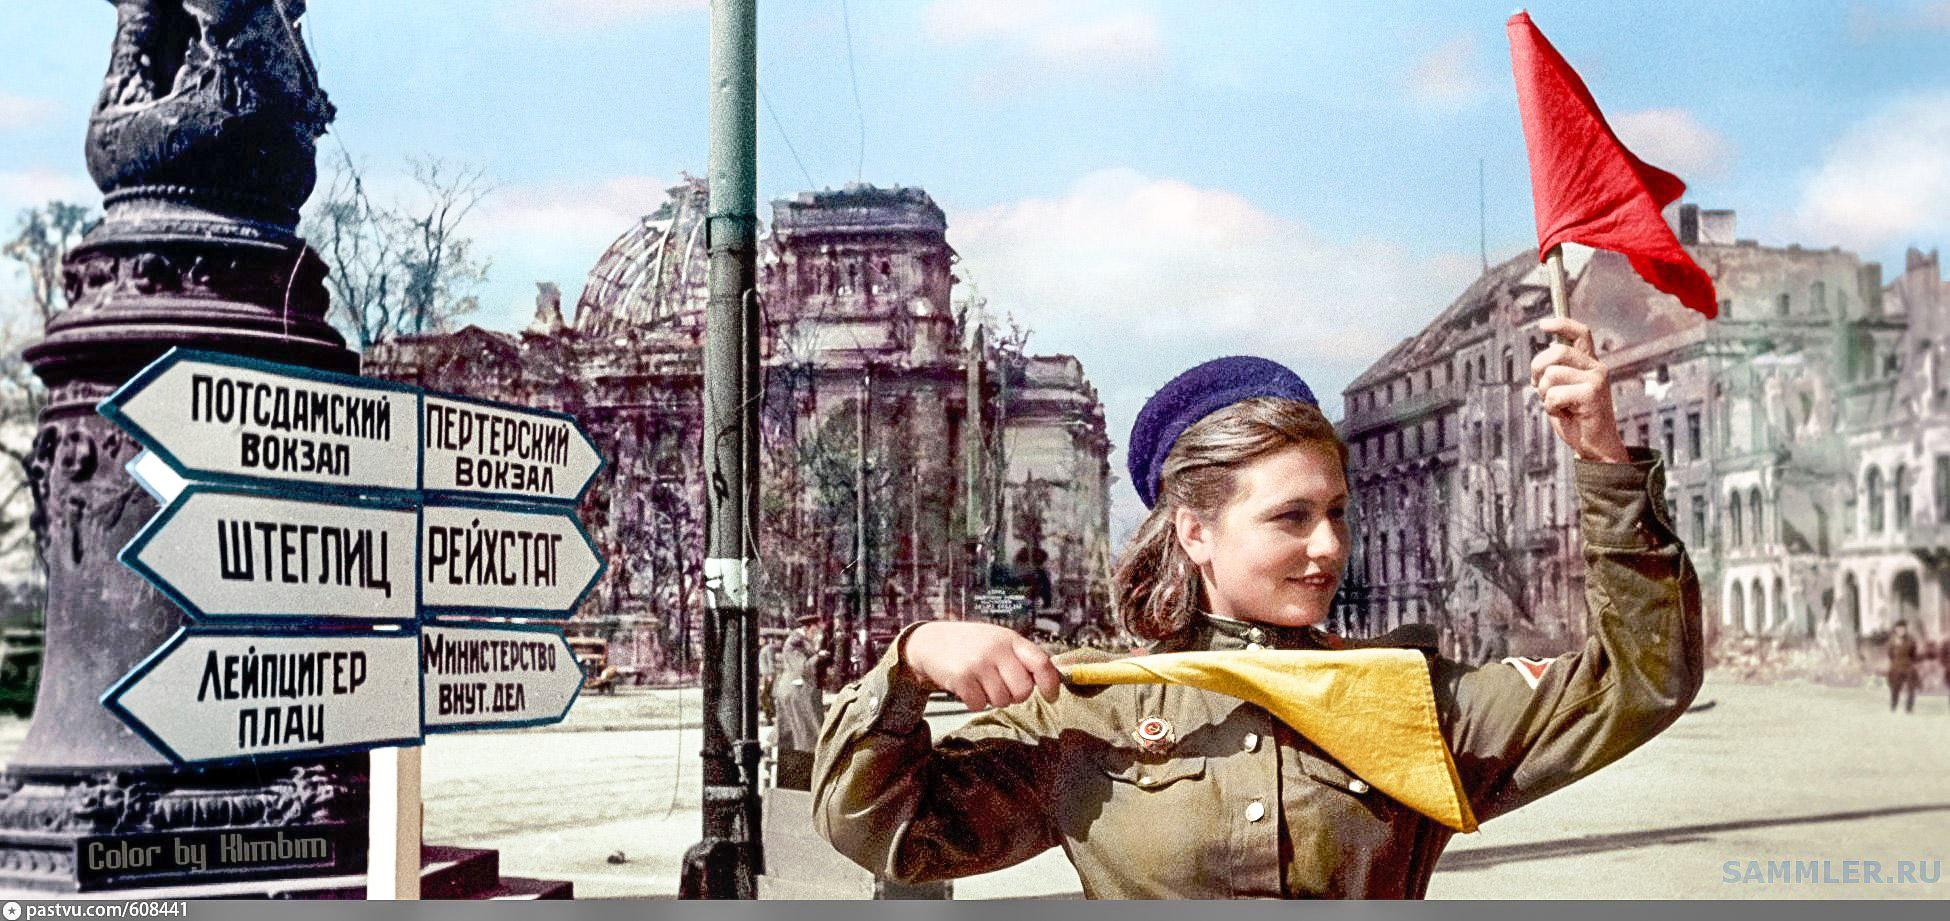 «Государственная актриса Рейха» отчего‑тонебежала, аспокойно ждала прихода Красной Армии вБерлин